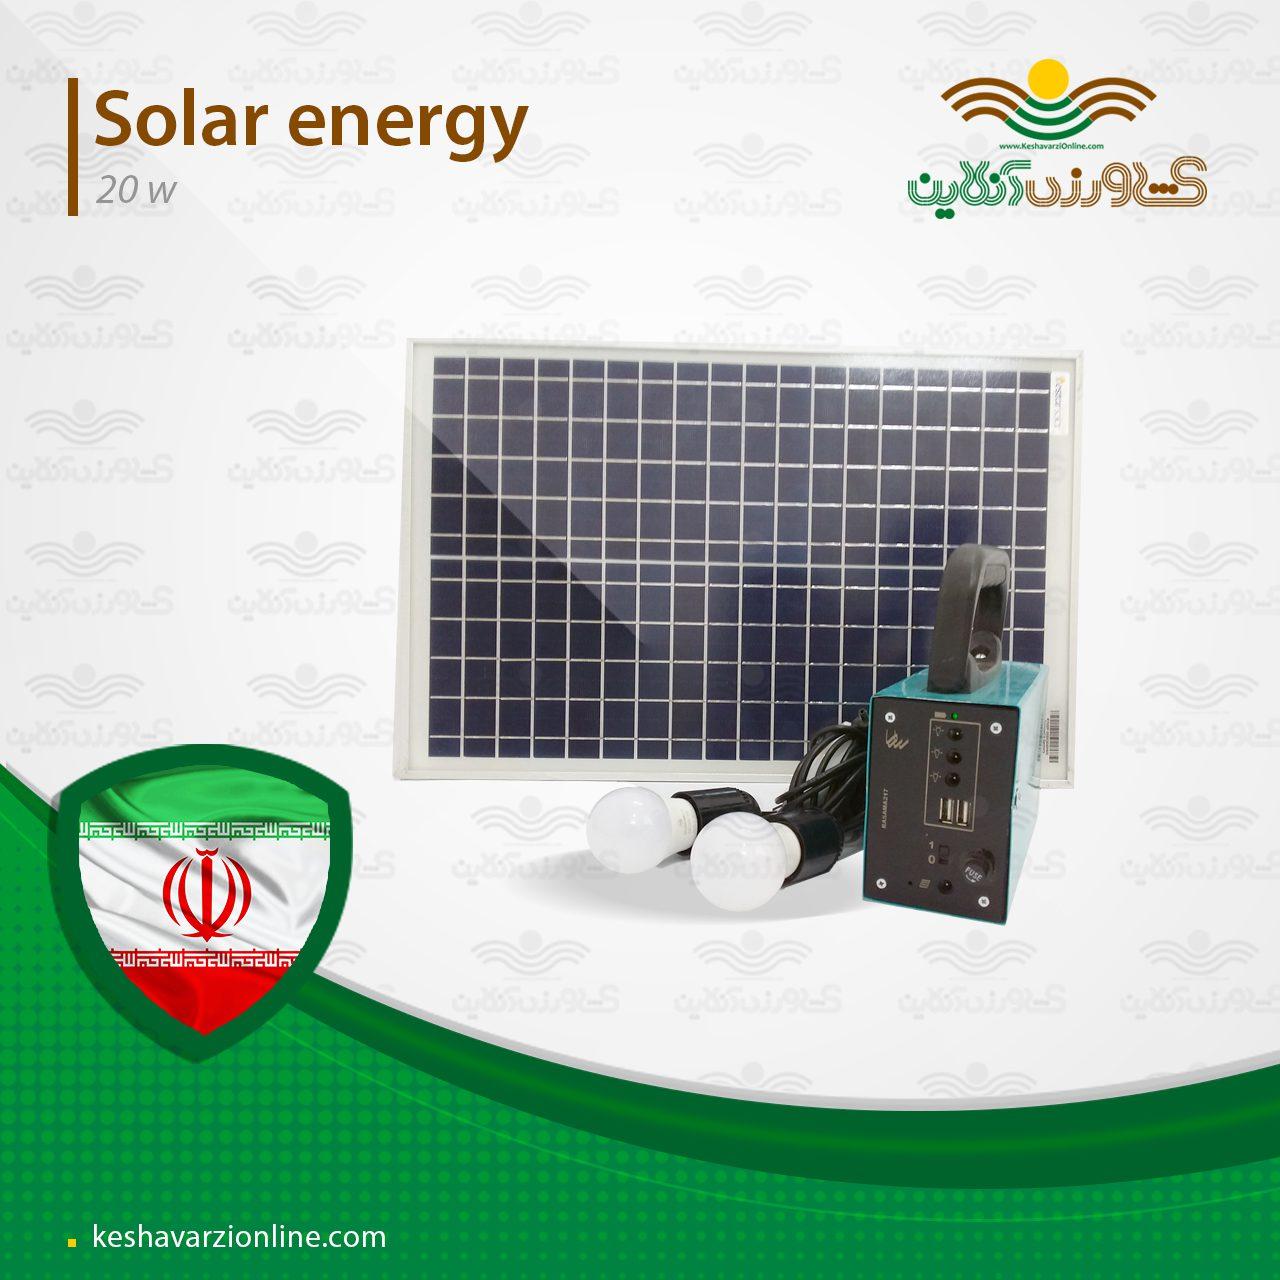 دستگاه برق خورشیدی سیار 20 وات رساما